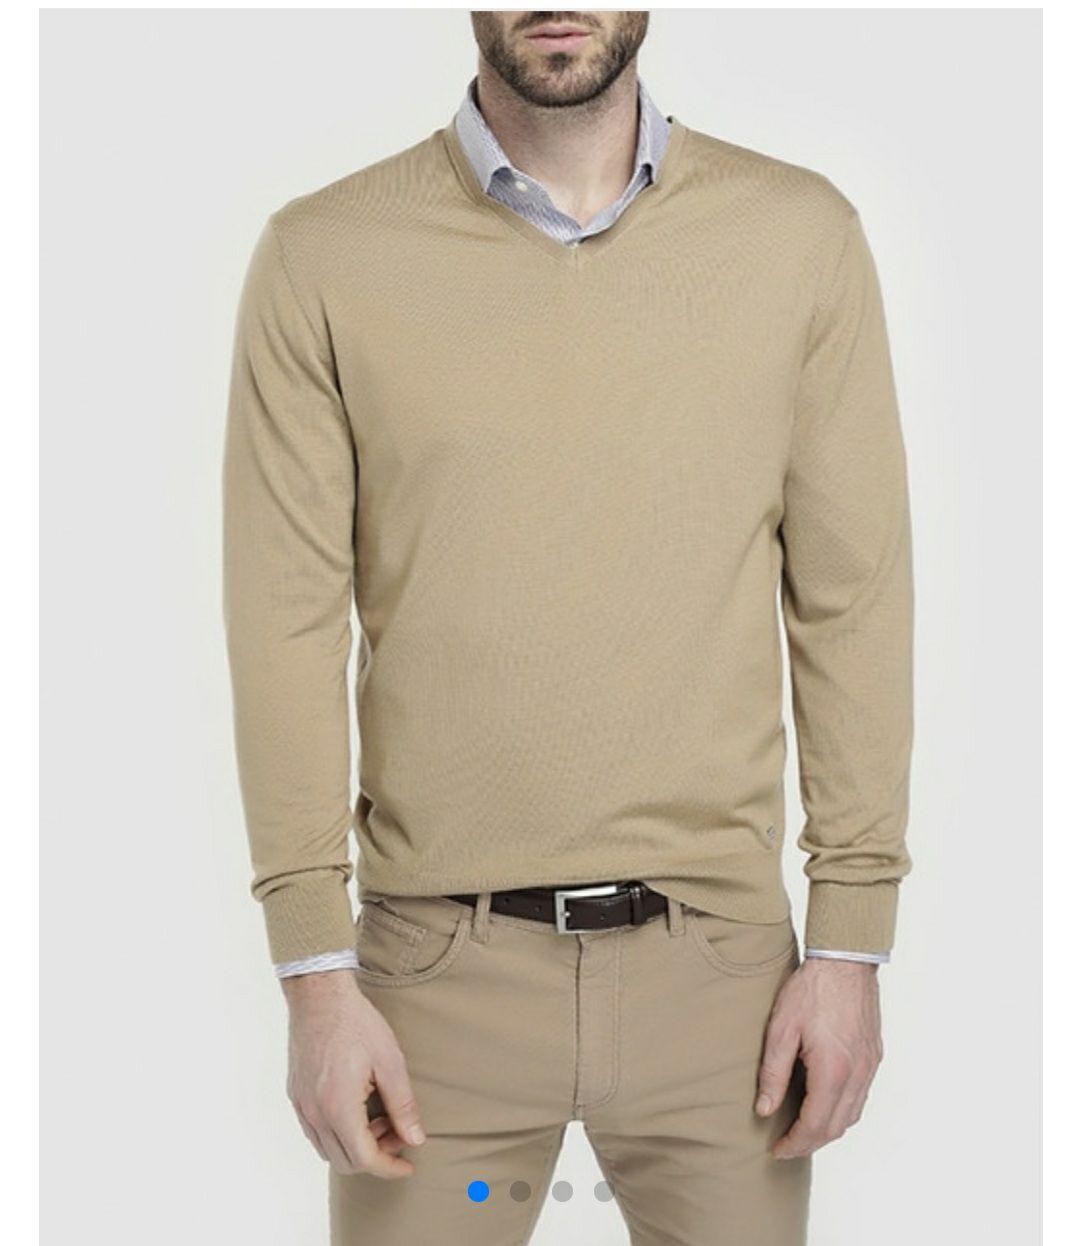 Jerseys Emidio Tucci 100% lana merina. Dos modelos